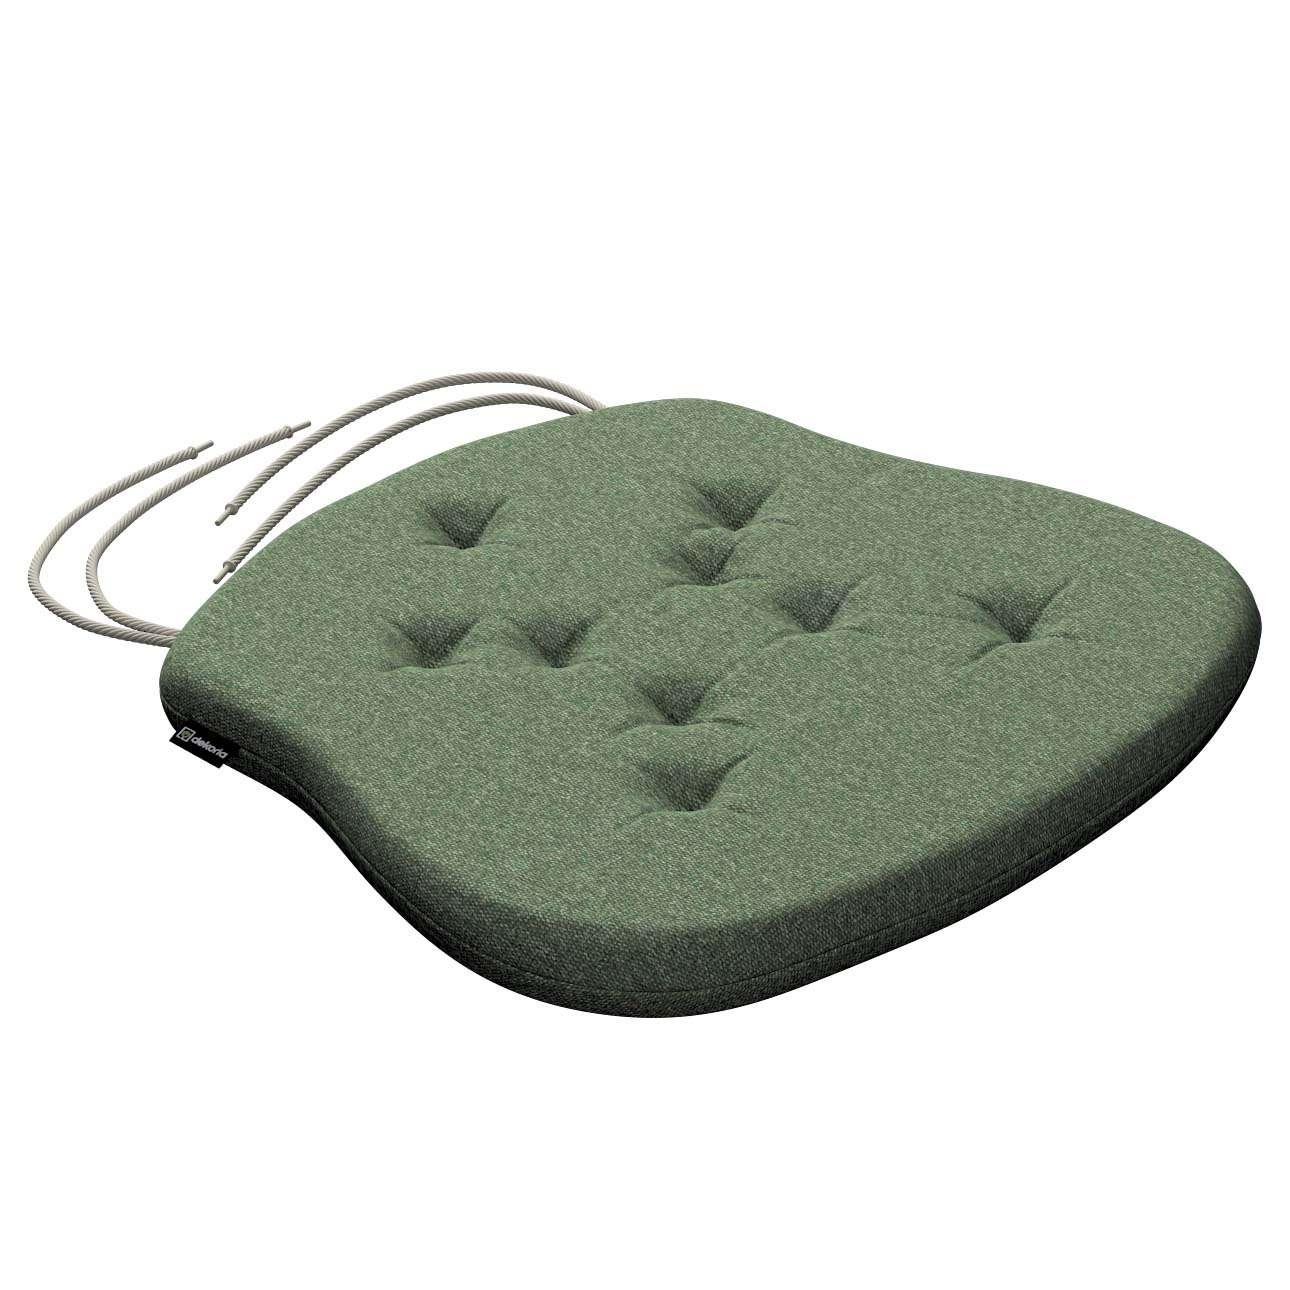 Siedzisko Filip na krzesło w kolekcji Amsterdam, tkanina: 704-44